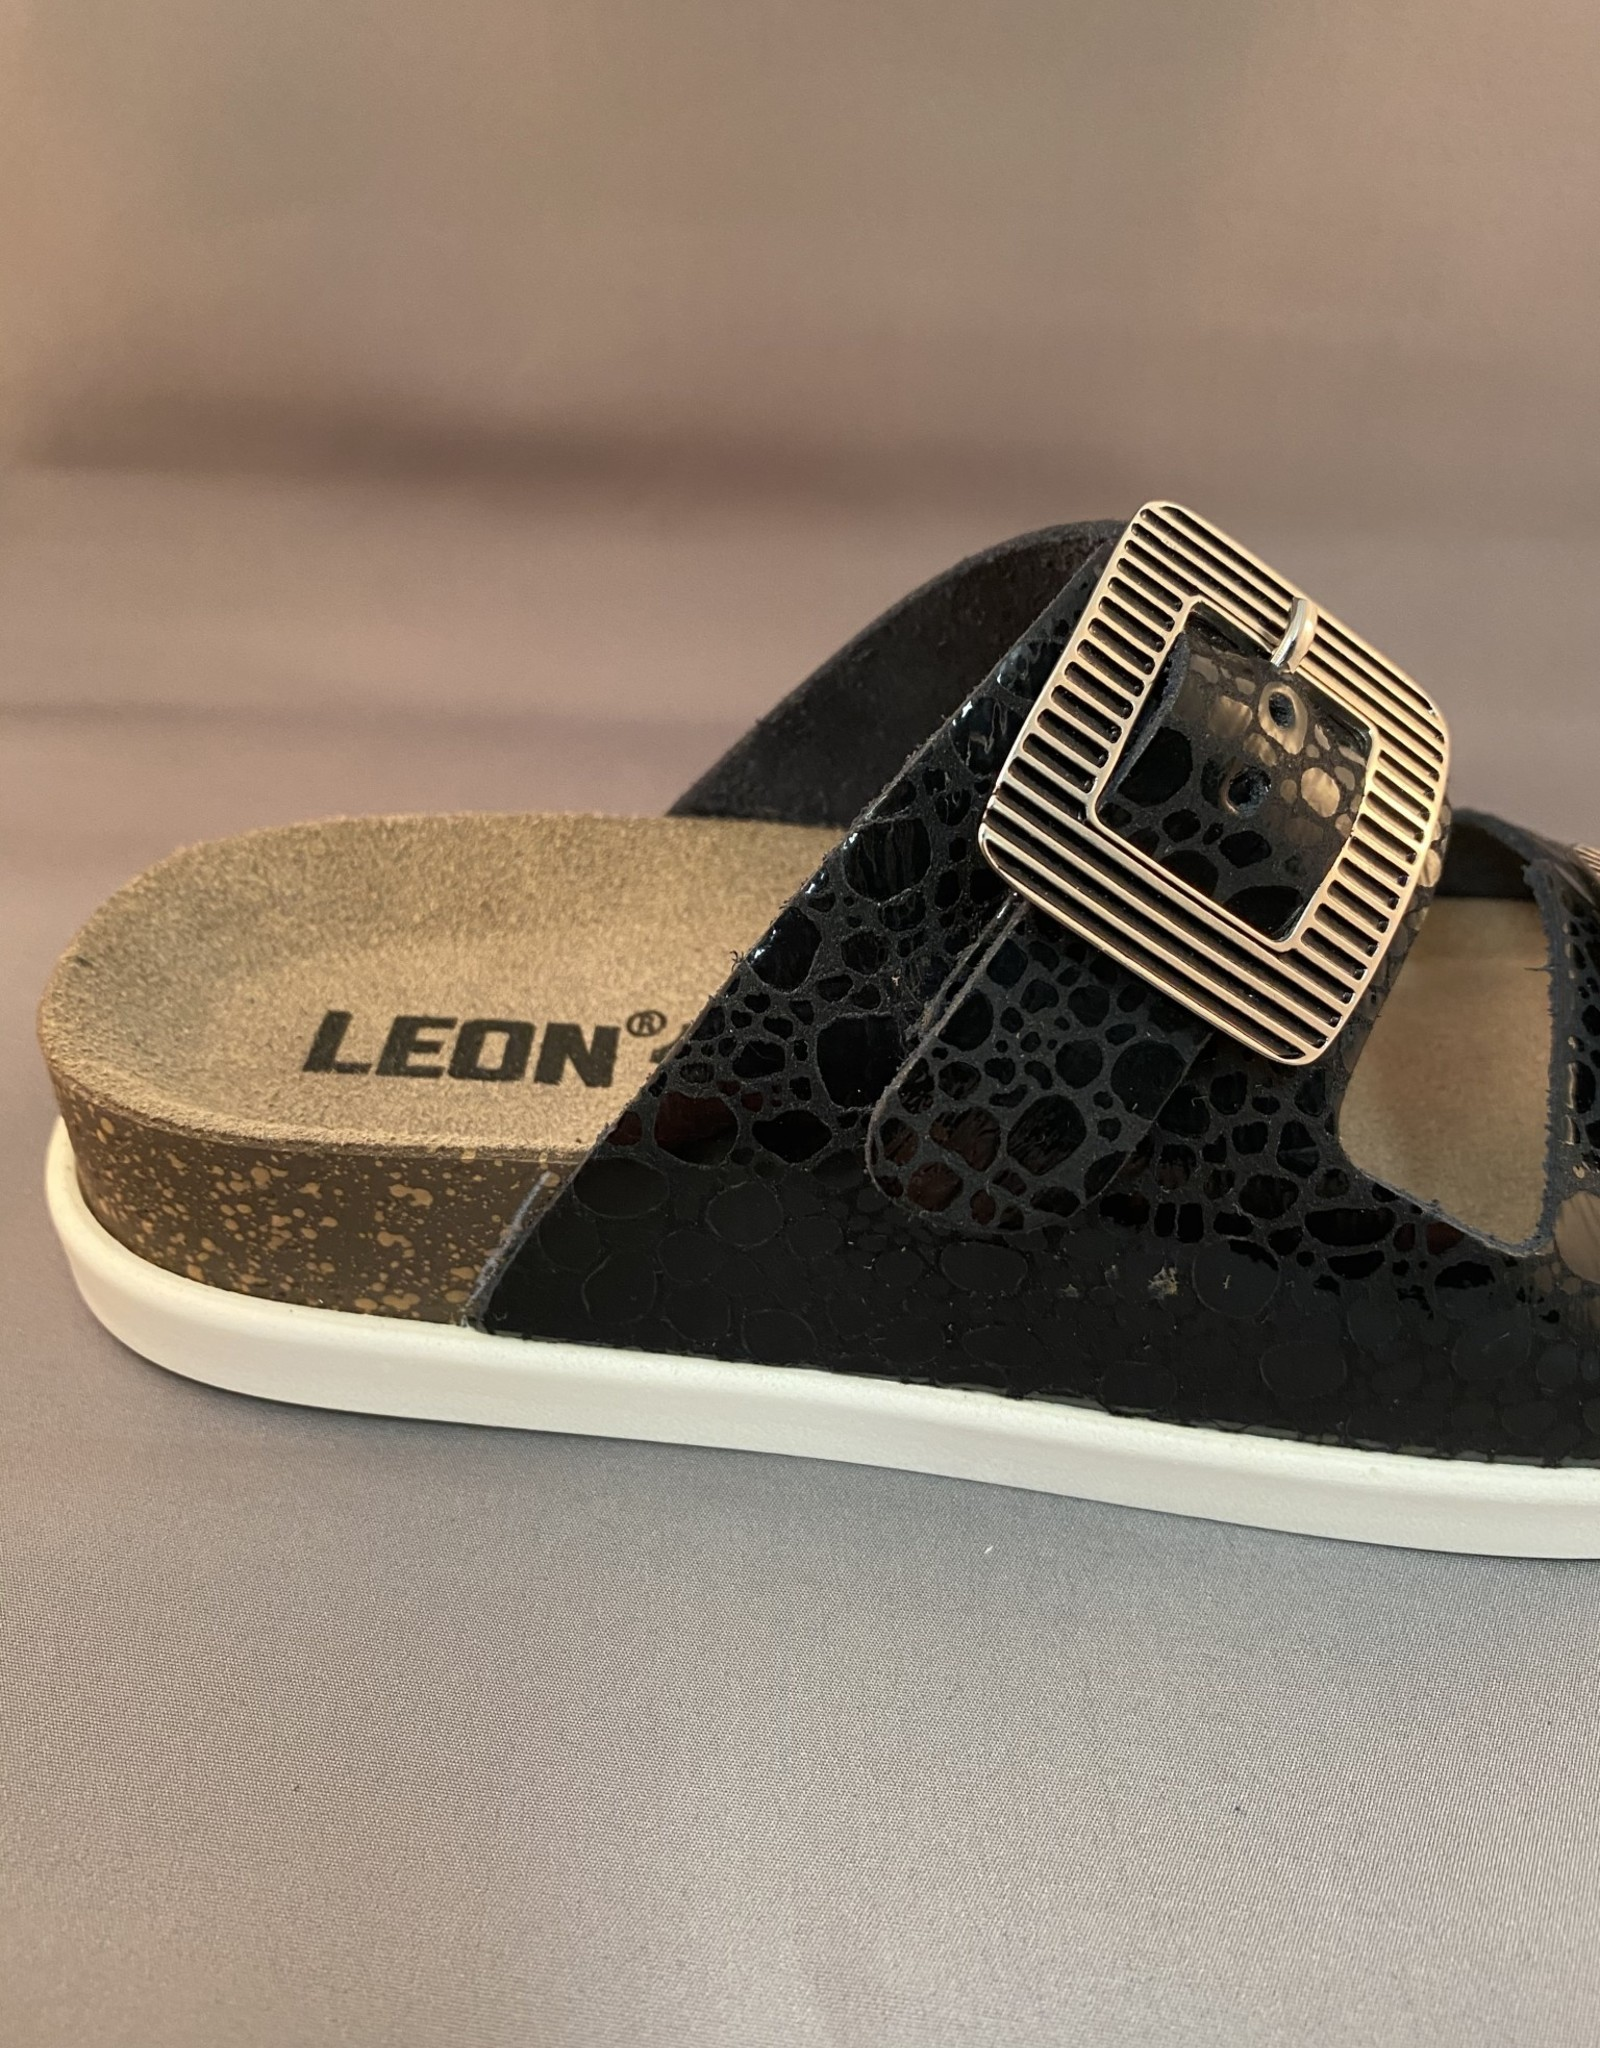 ANATOMIC Leon 1202